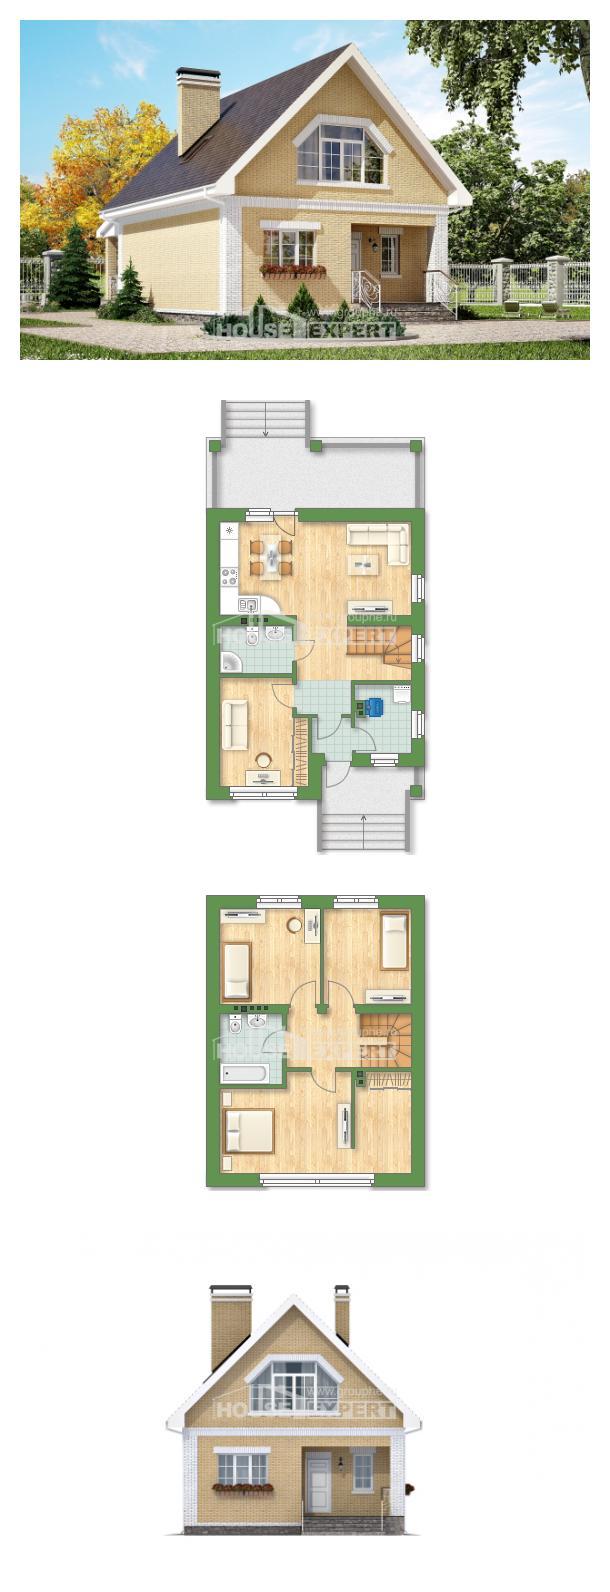 Plan 130-004-R   House Expert